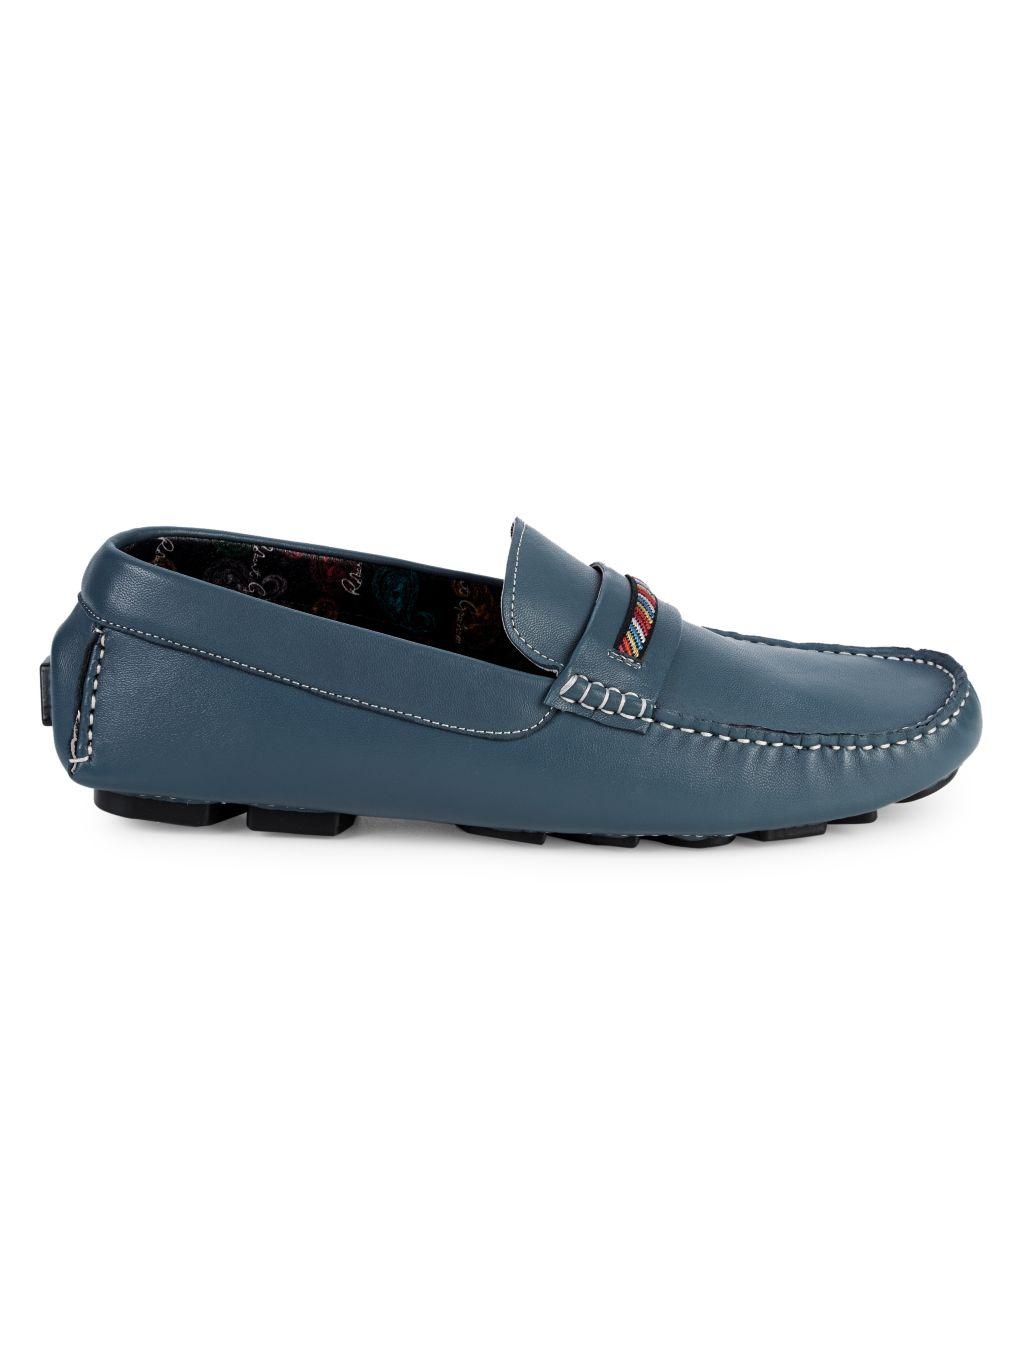 Robert Graham Slip-On Loafers